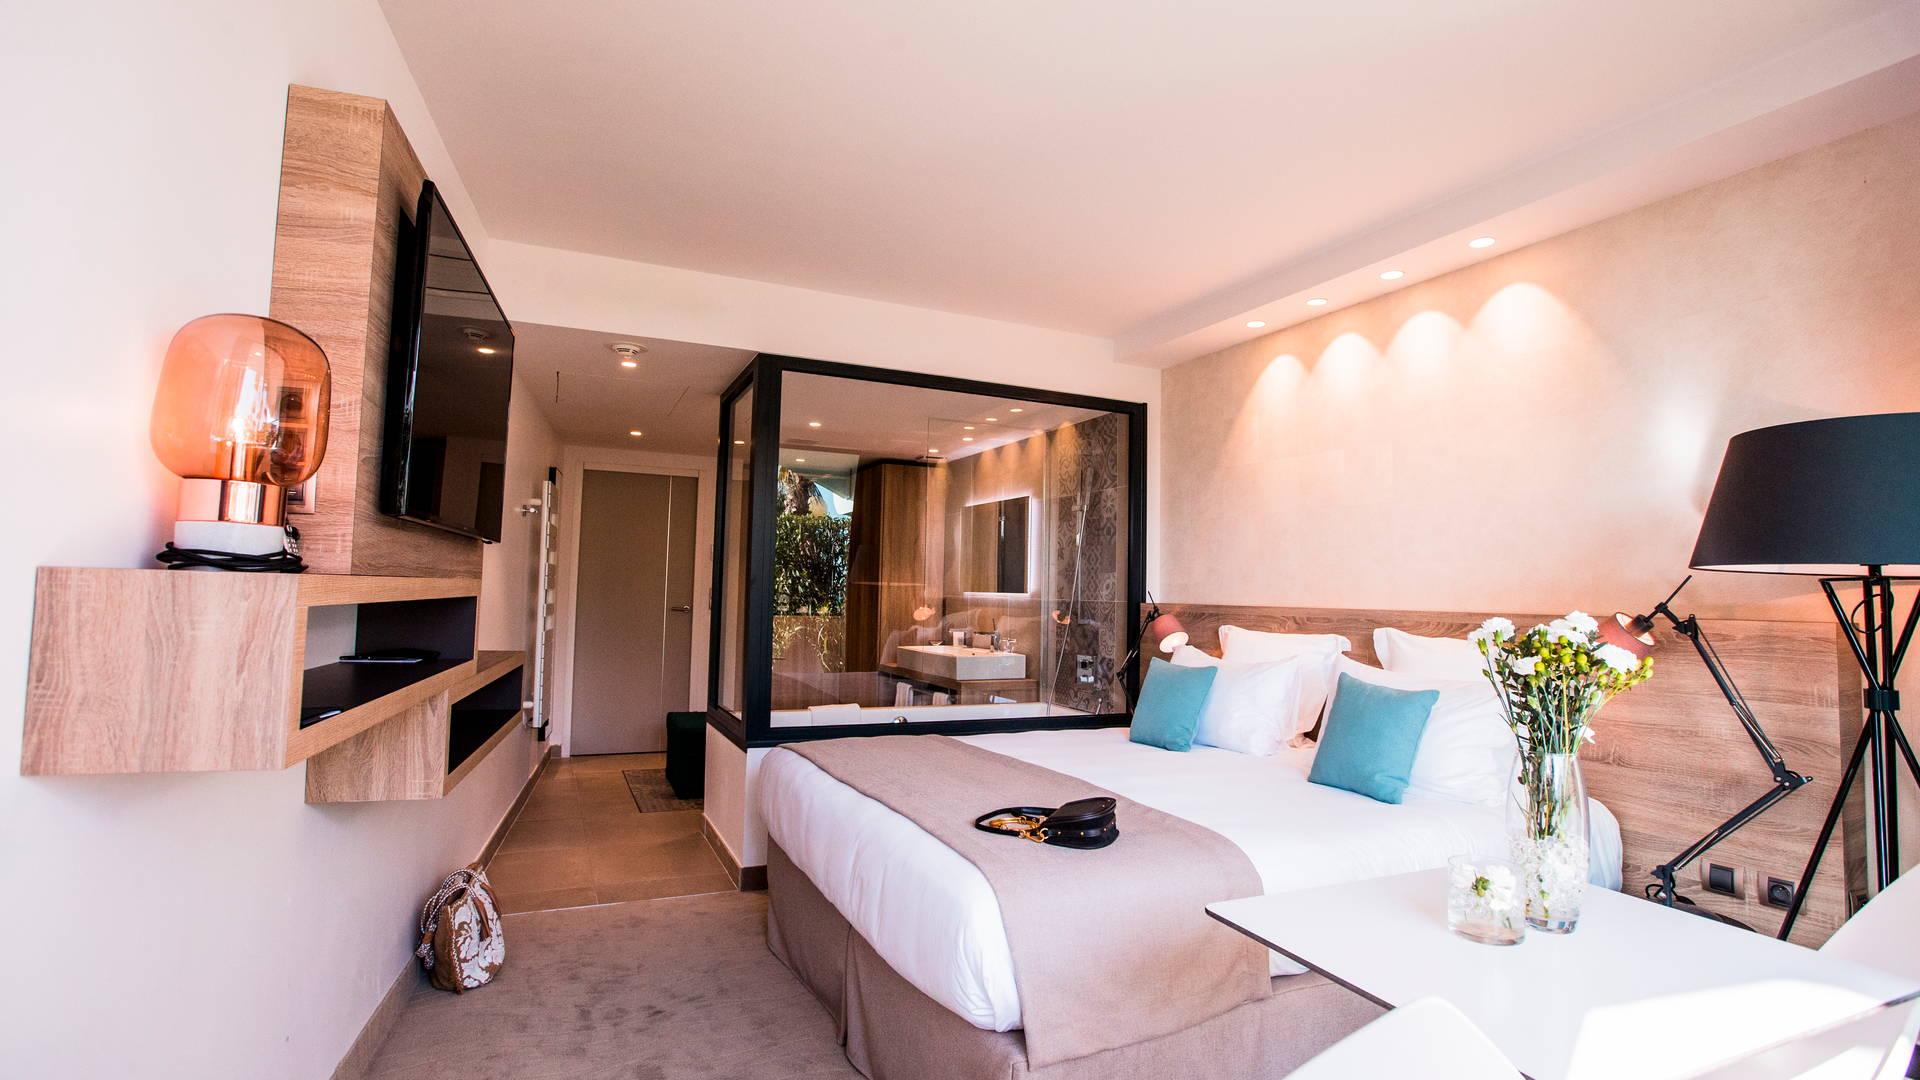 Chambre classique moderne et bien équipée, hôtel de charme bord de mer, Hôtel La Plage.